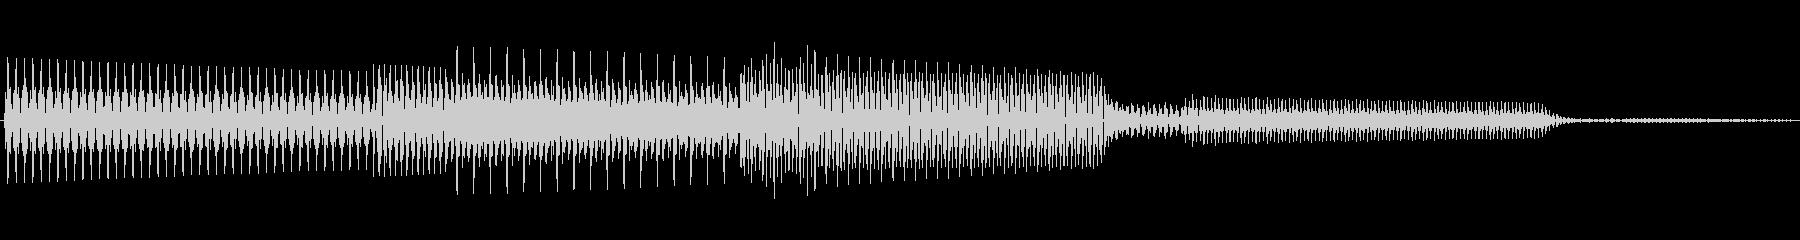 ボタン決定音システム選択タッチ登録B04の未再生の波形